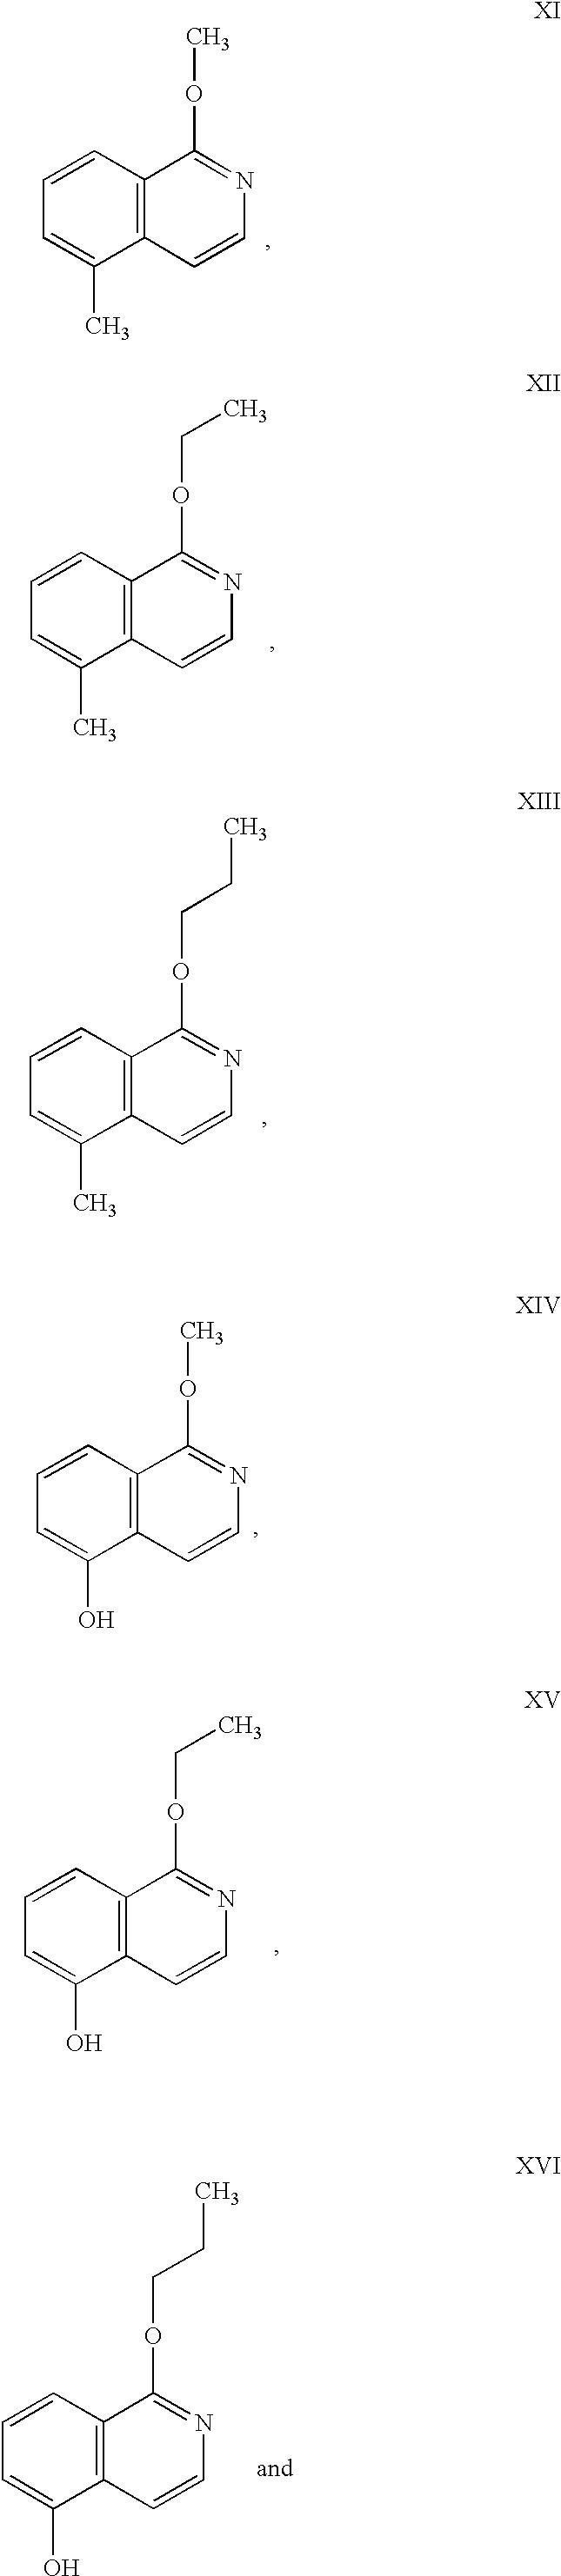 Figure US06426415-20020730-C00020